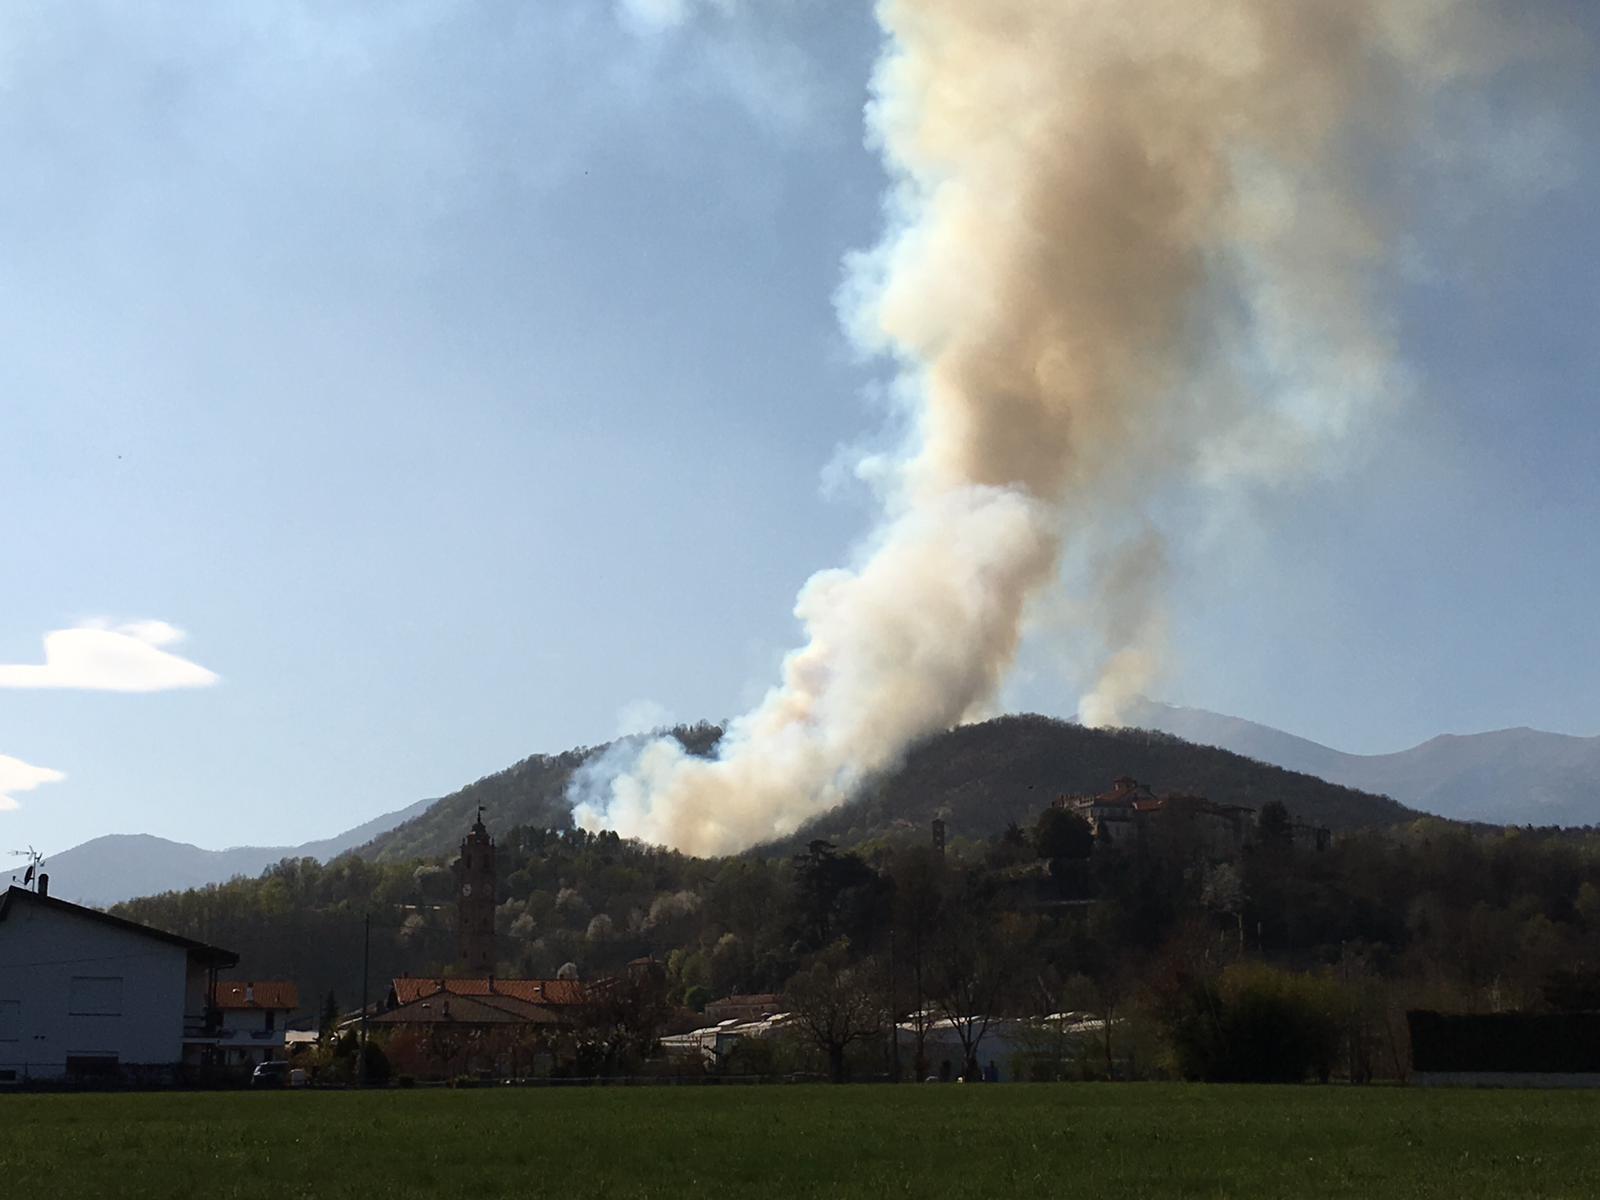 ALLARME INCENDI - Brucia la collina del santuario di Belmonte tra Pertusio e Valperga - FOTO